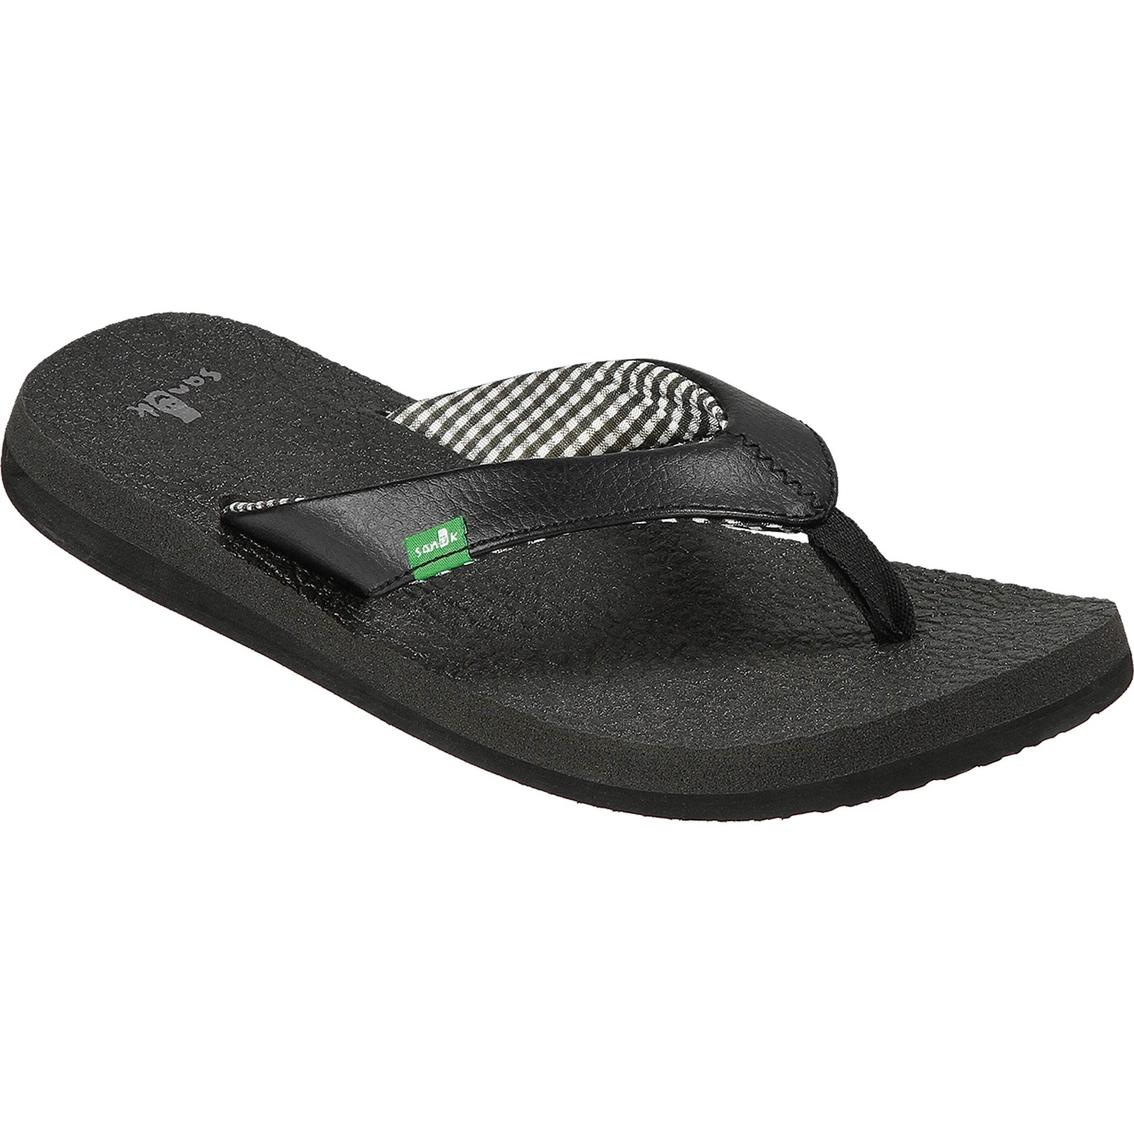 70d5f1dee43ca2 Sanuk Women s Yoga Mat Sandals